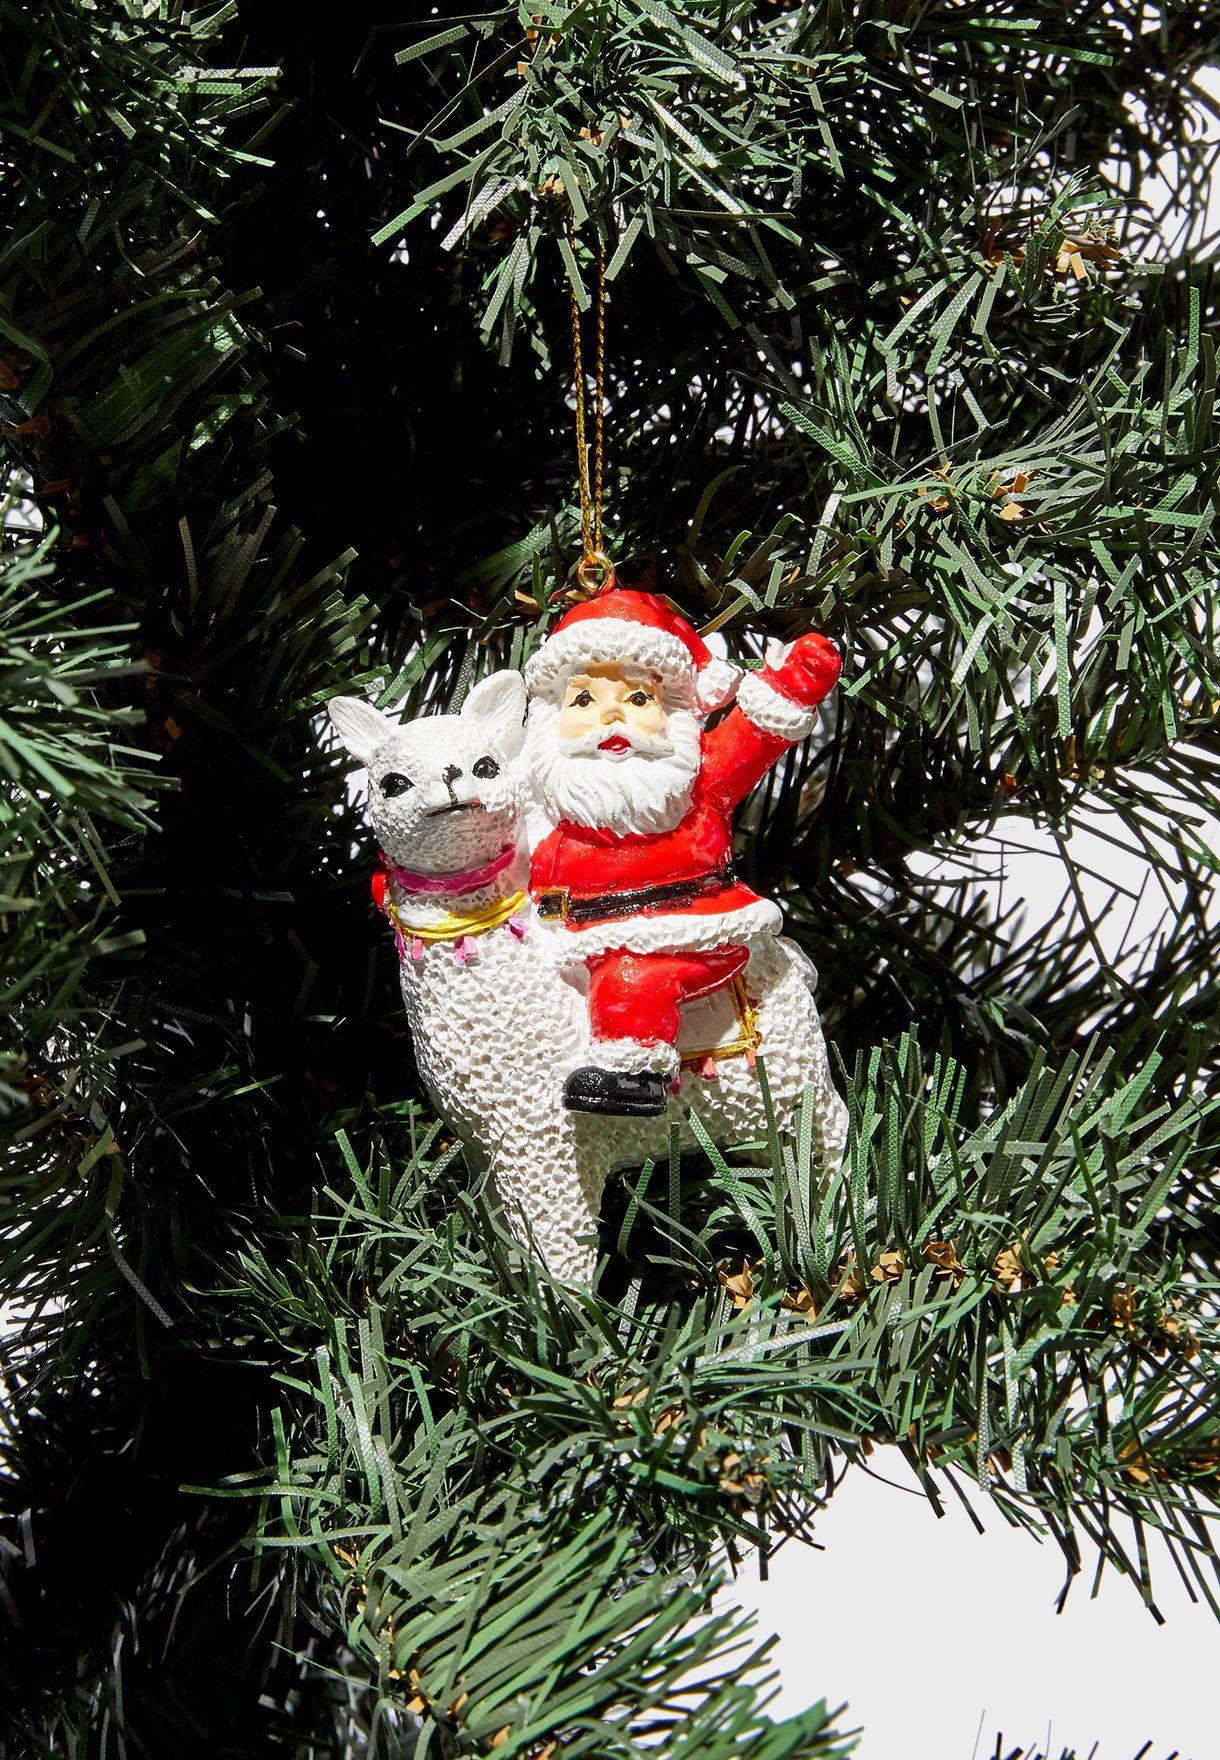 Santa Riding Alpaca Bauble